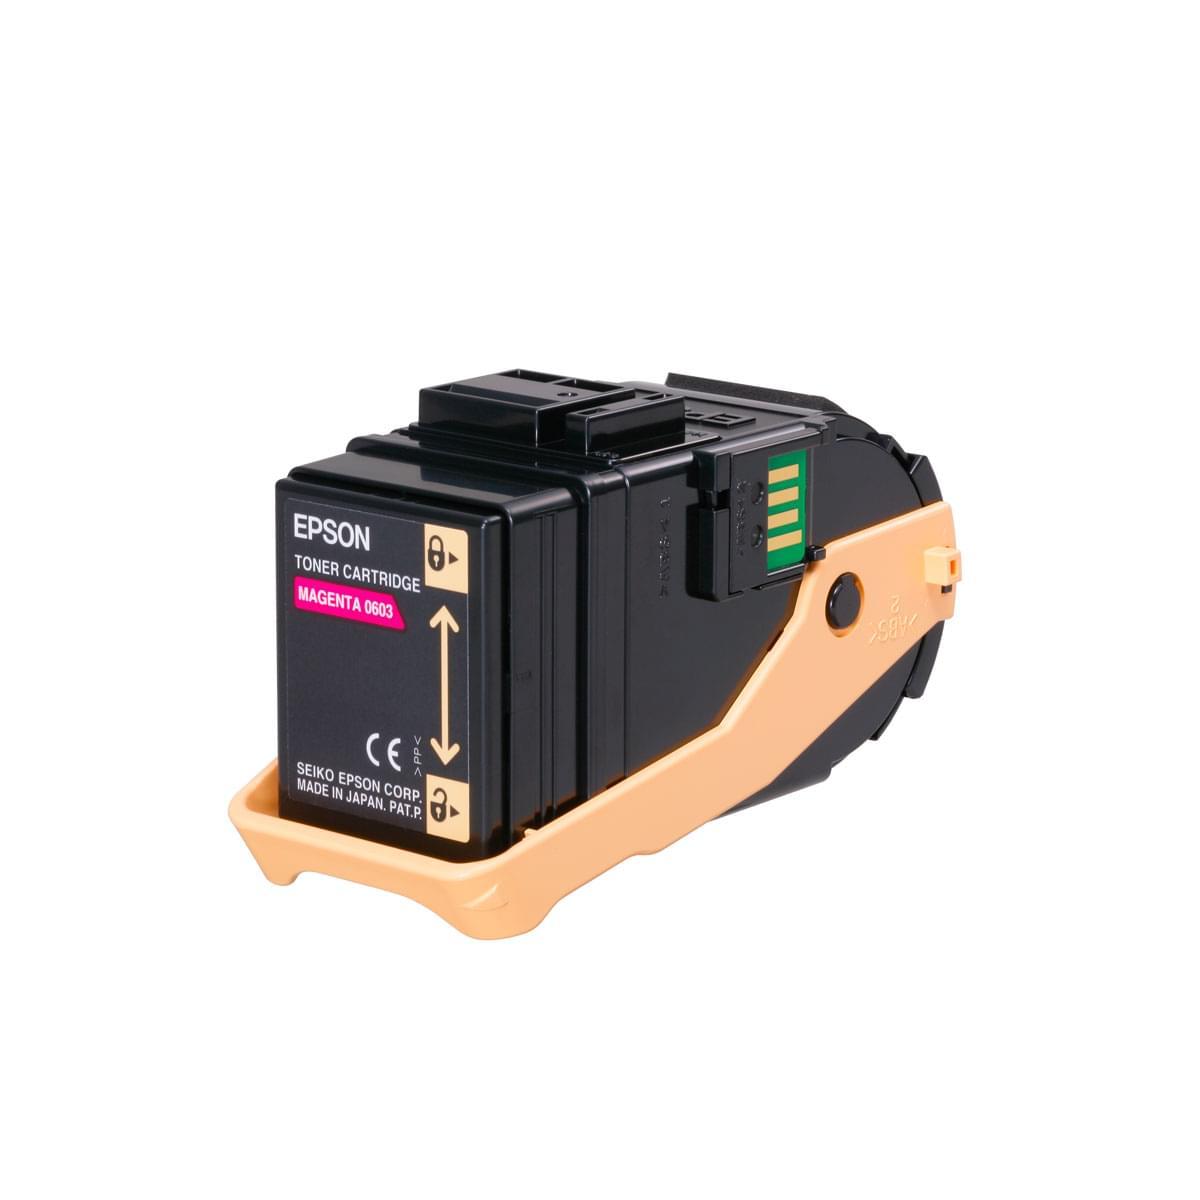 Toner Magenta 7500p - C13S050603  pour imprimante Laser Epson - 0